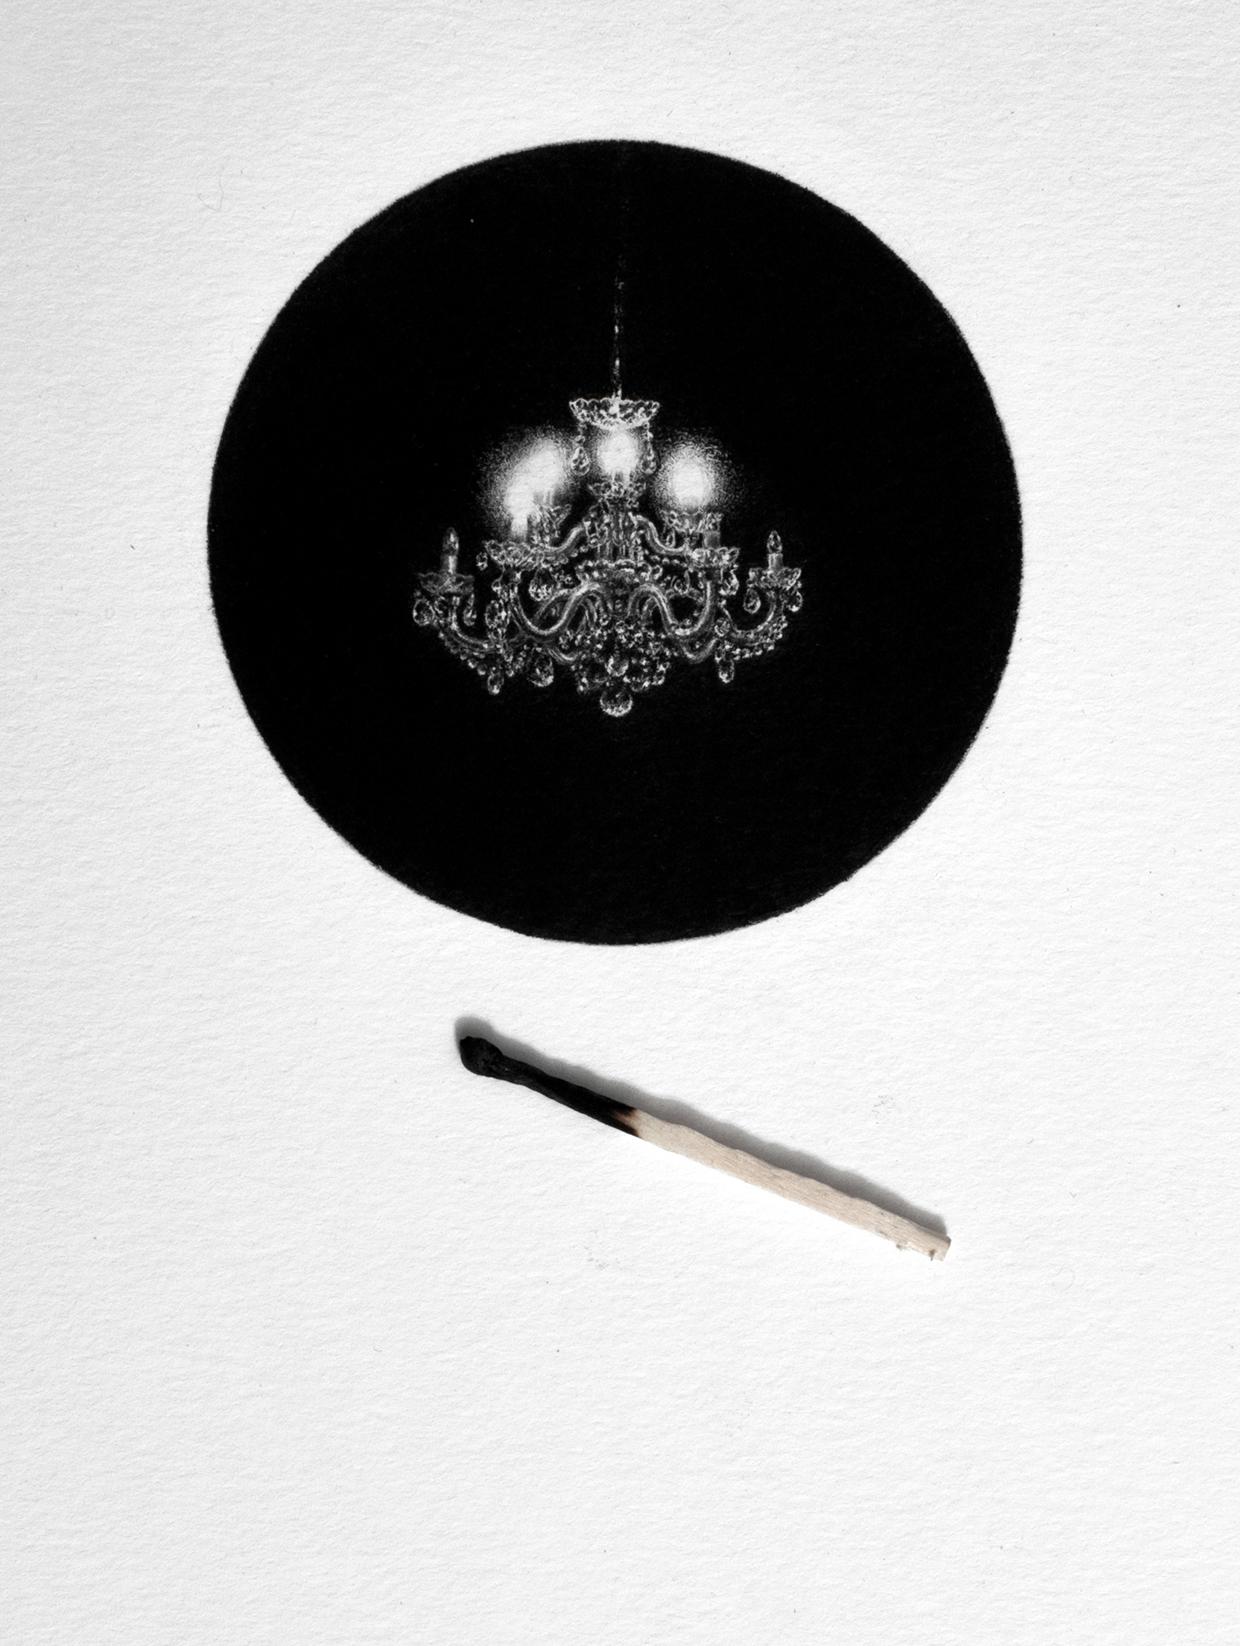 disegni-miniature-grafite-dettagli-mateo-pizarro-2